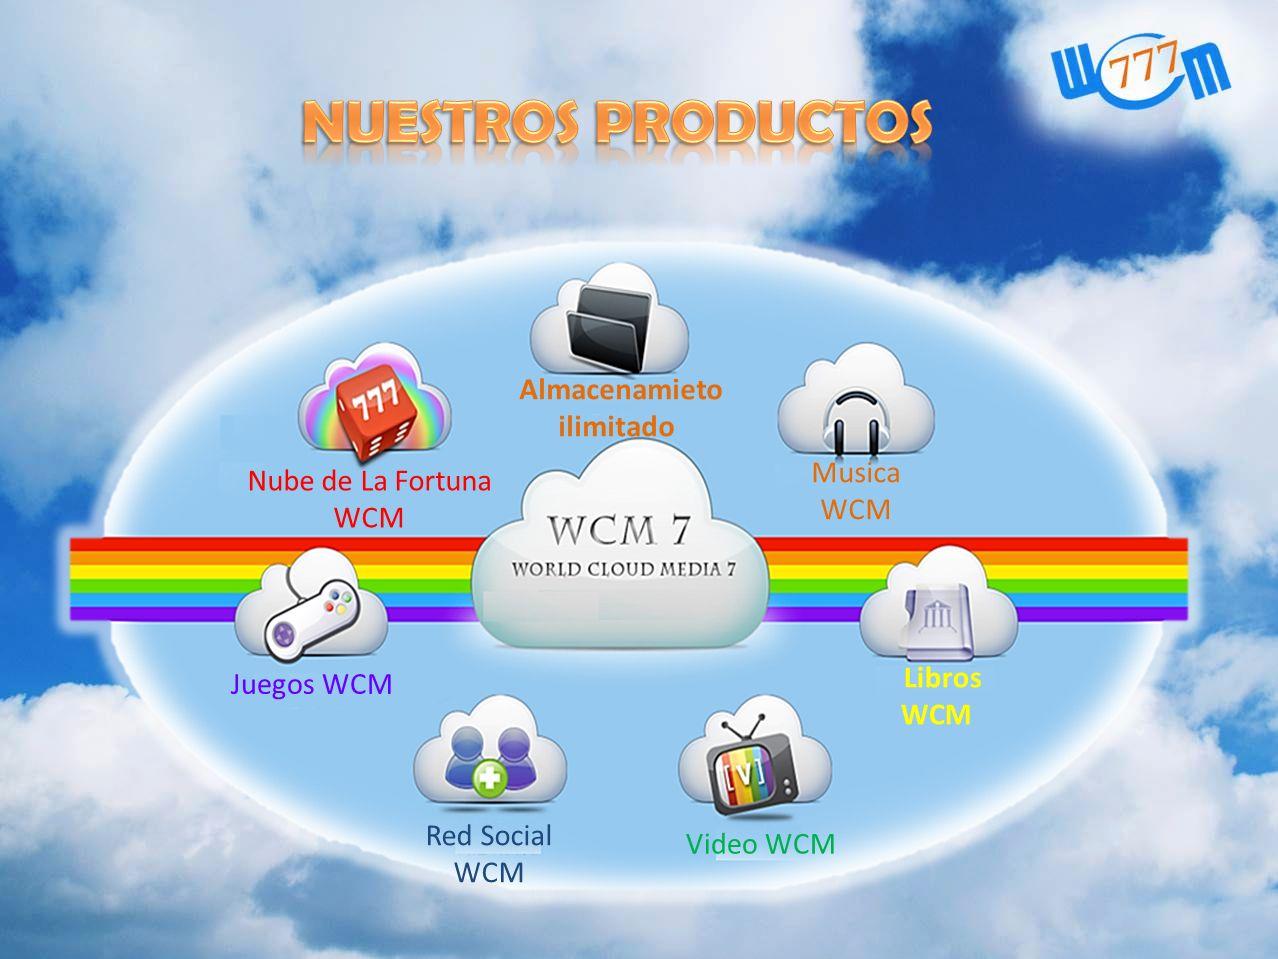 Almacenamieto ilimitado Nube de La Fortuna WCM Musica WCM Libros WCM Juegos WCM Red Social WCM Video WCM